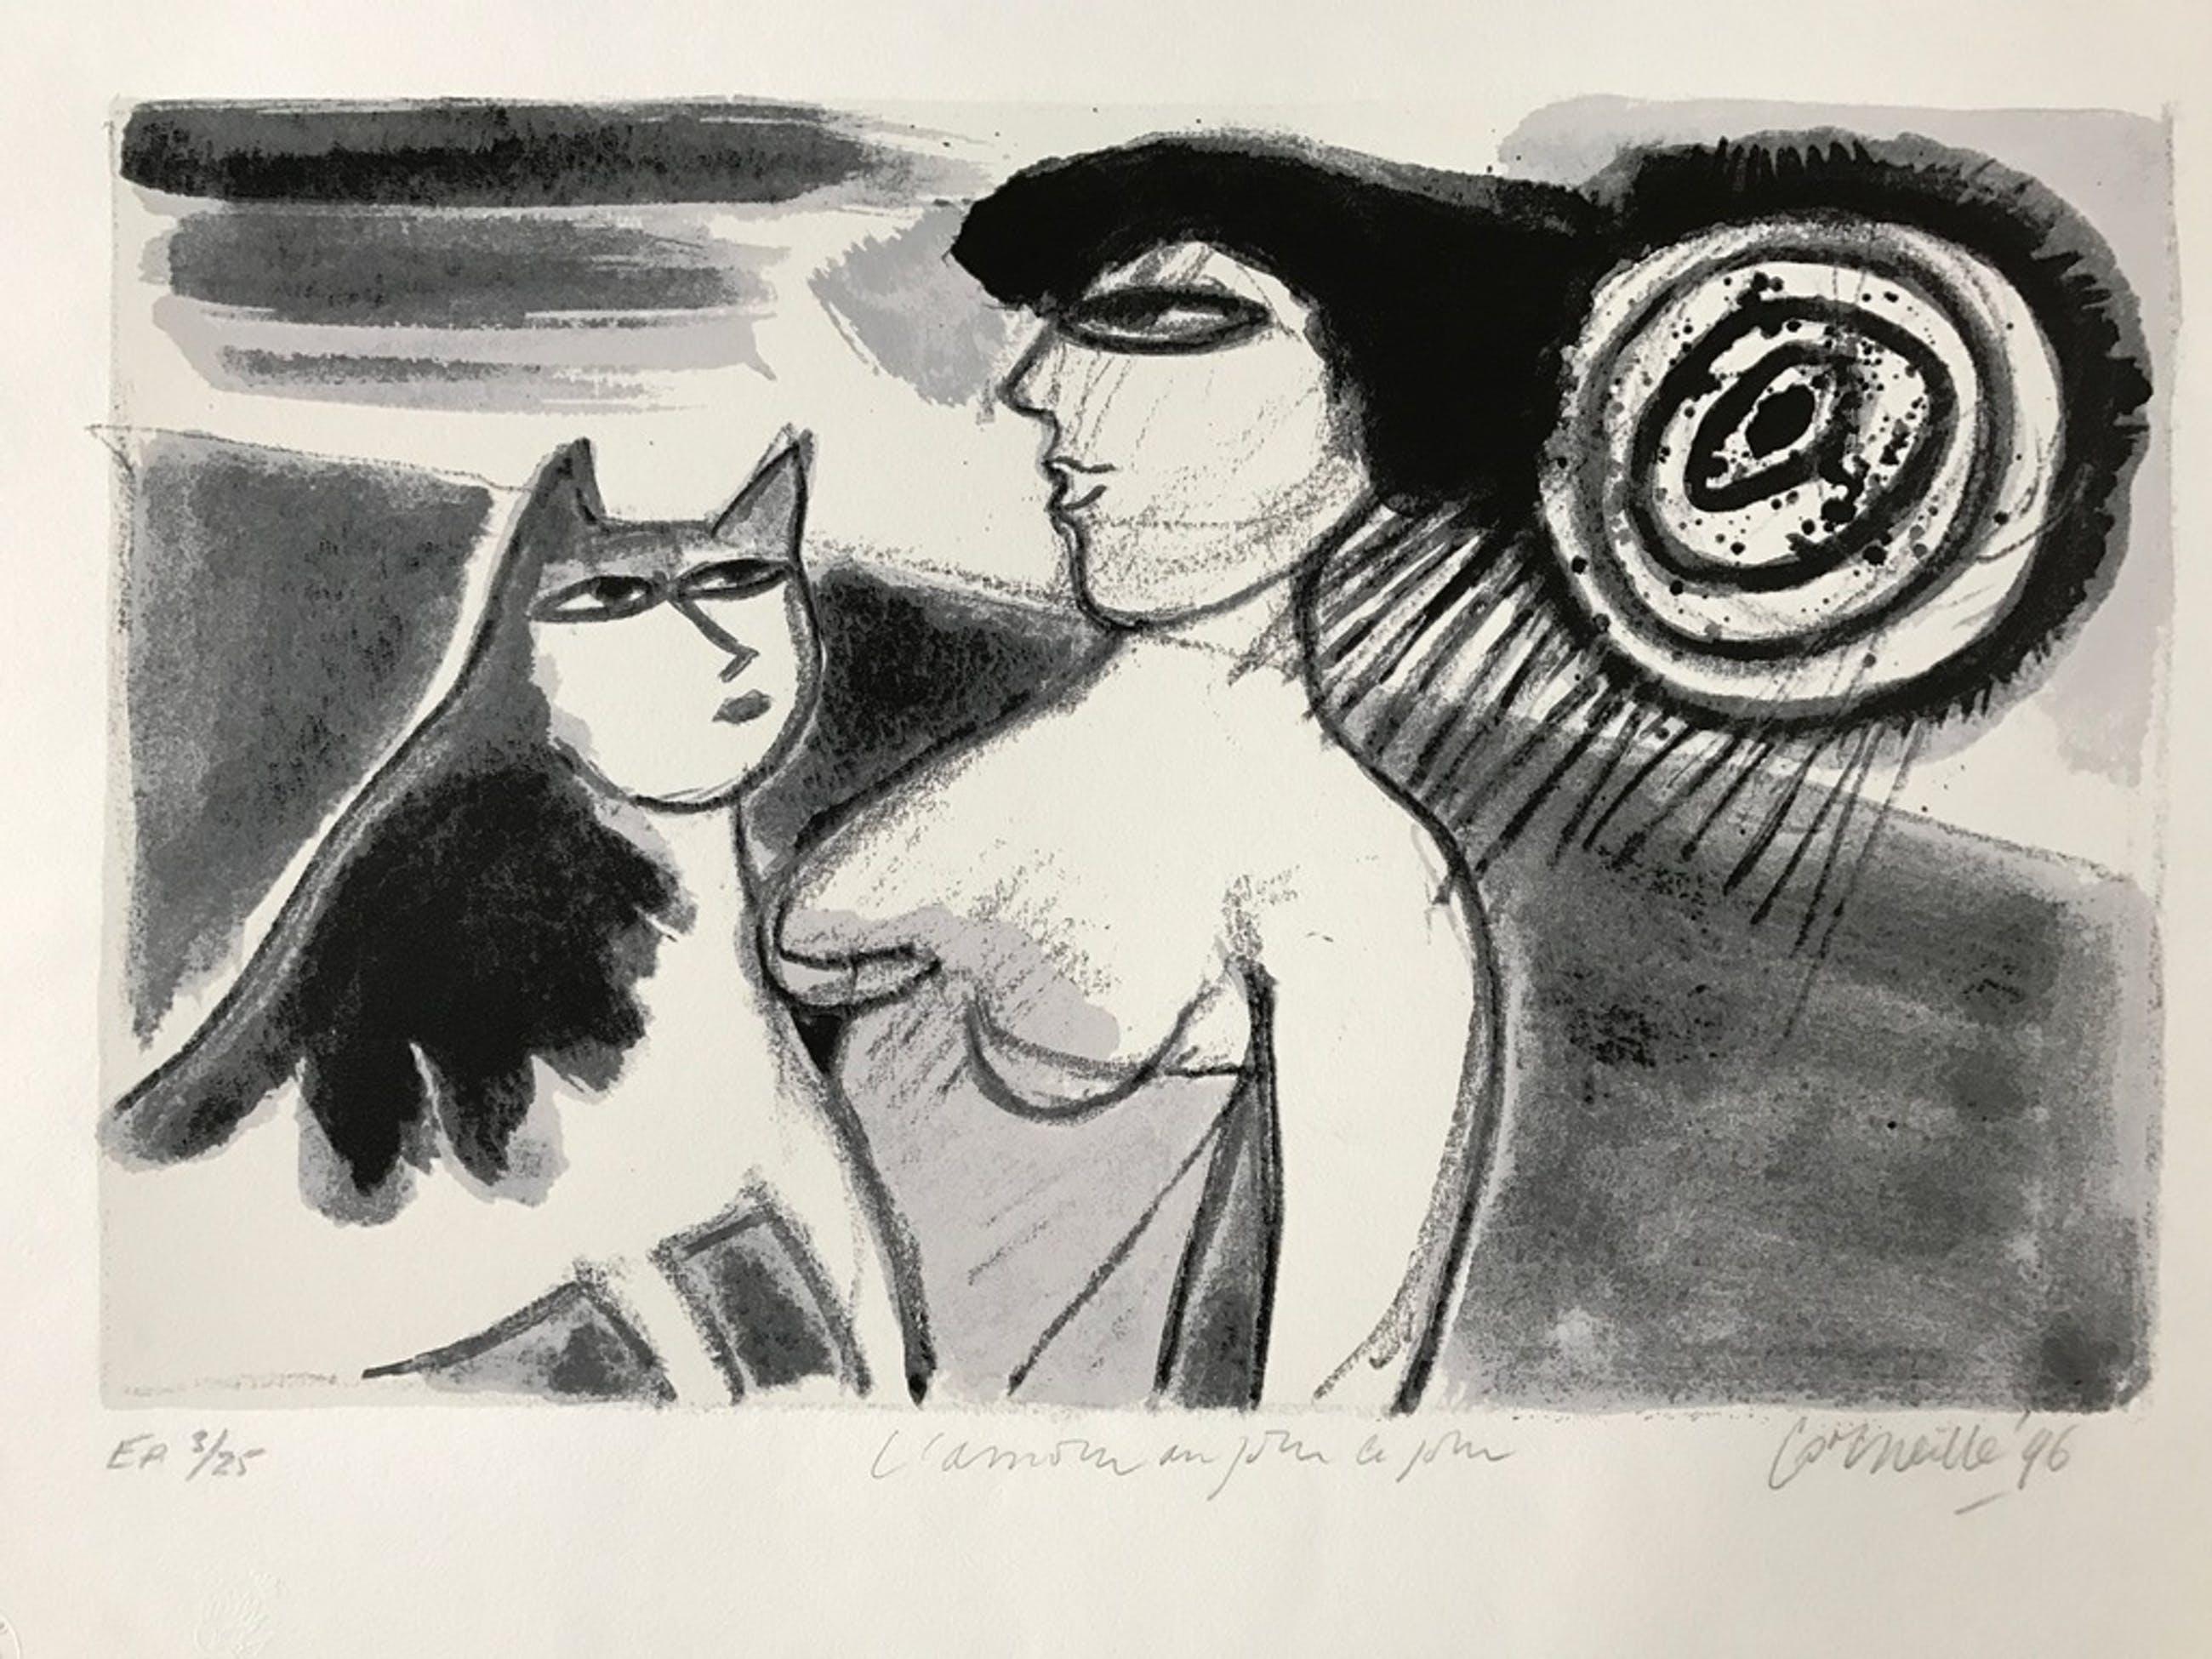 Corneille - L`amour au jour le jour - zeefdruk - gesigneerd - 1996 kopen? Bied vanaf 175!